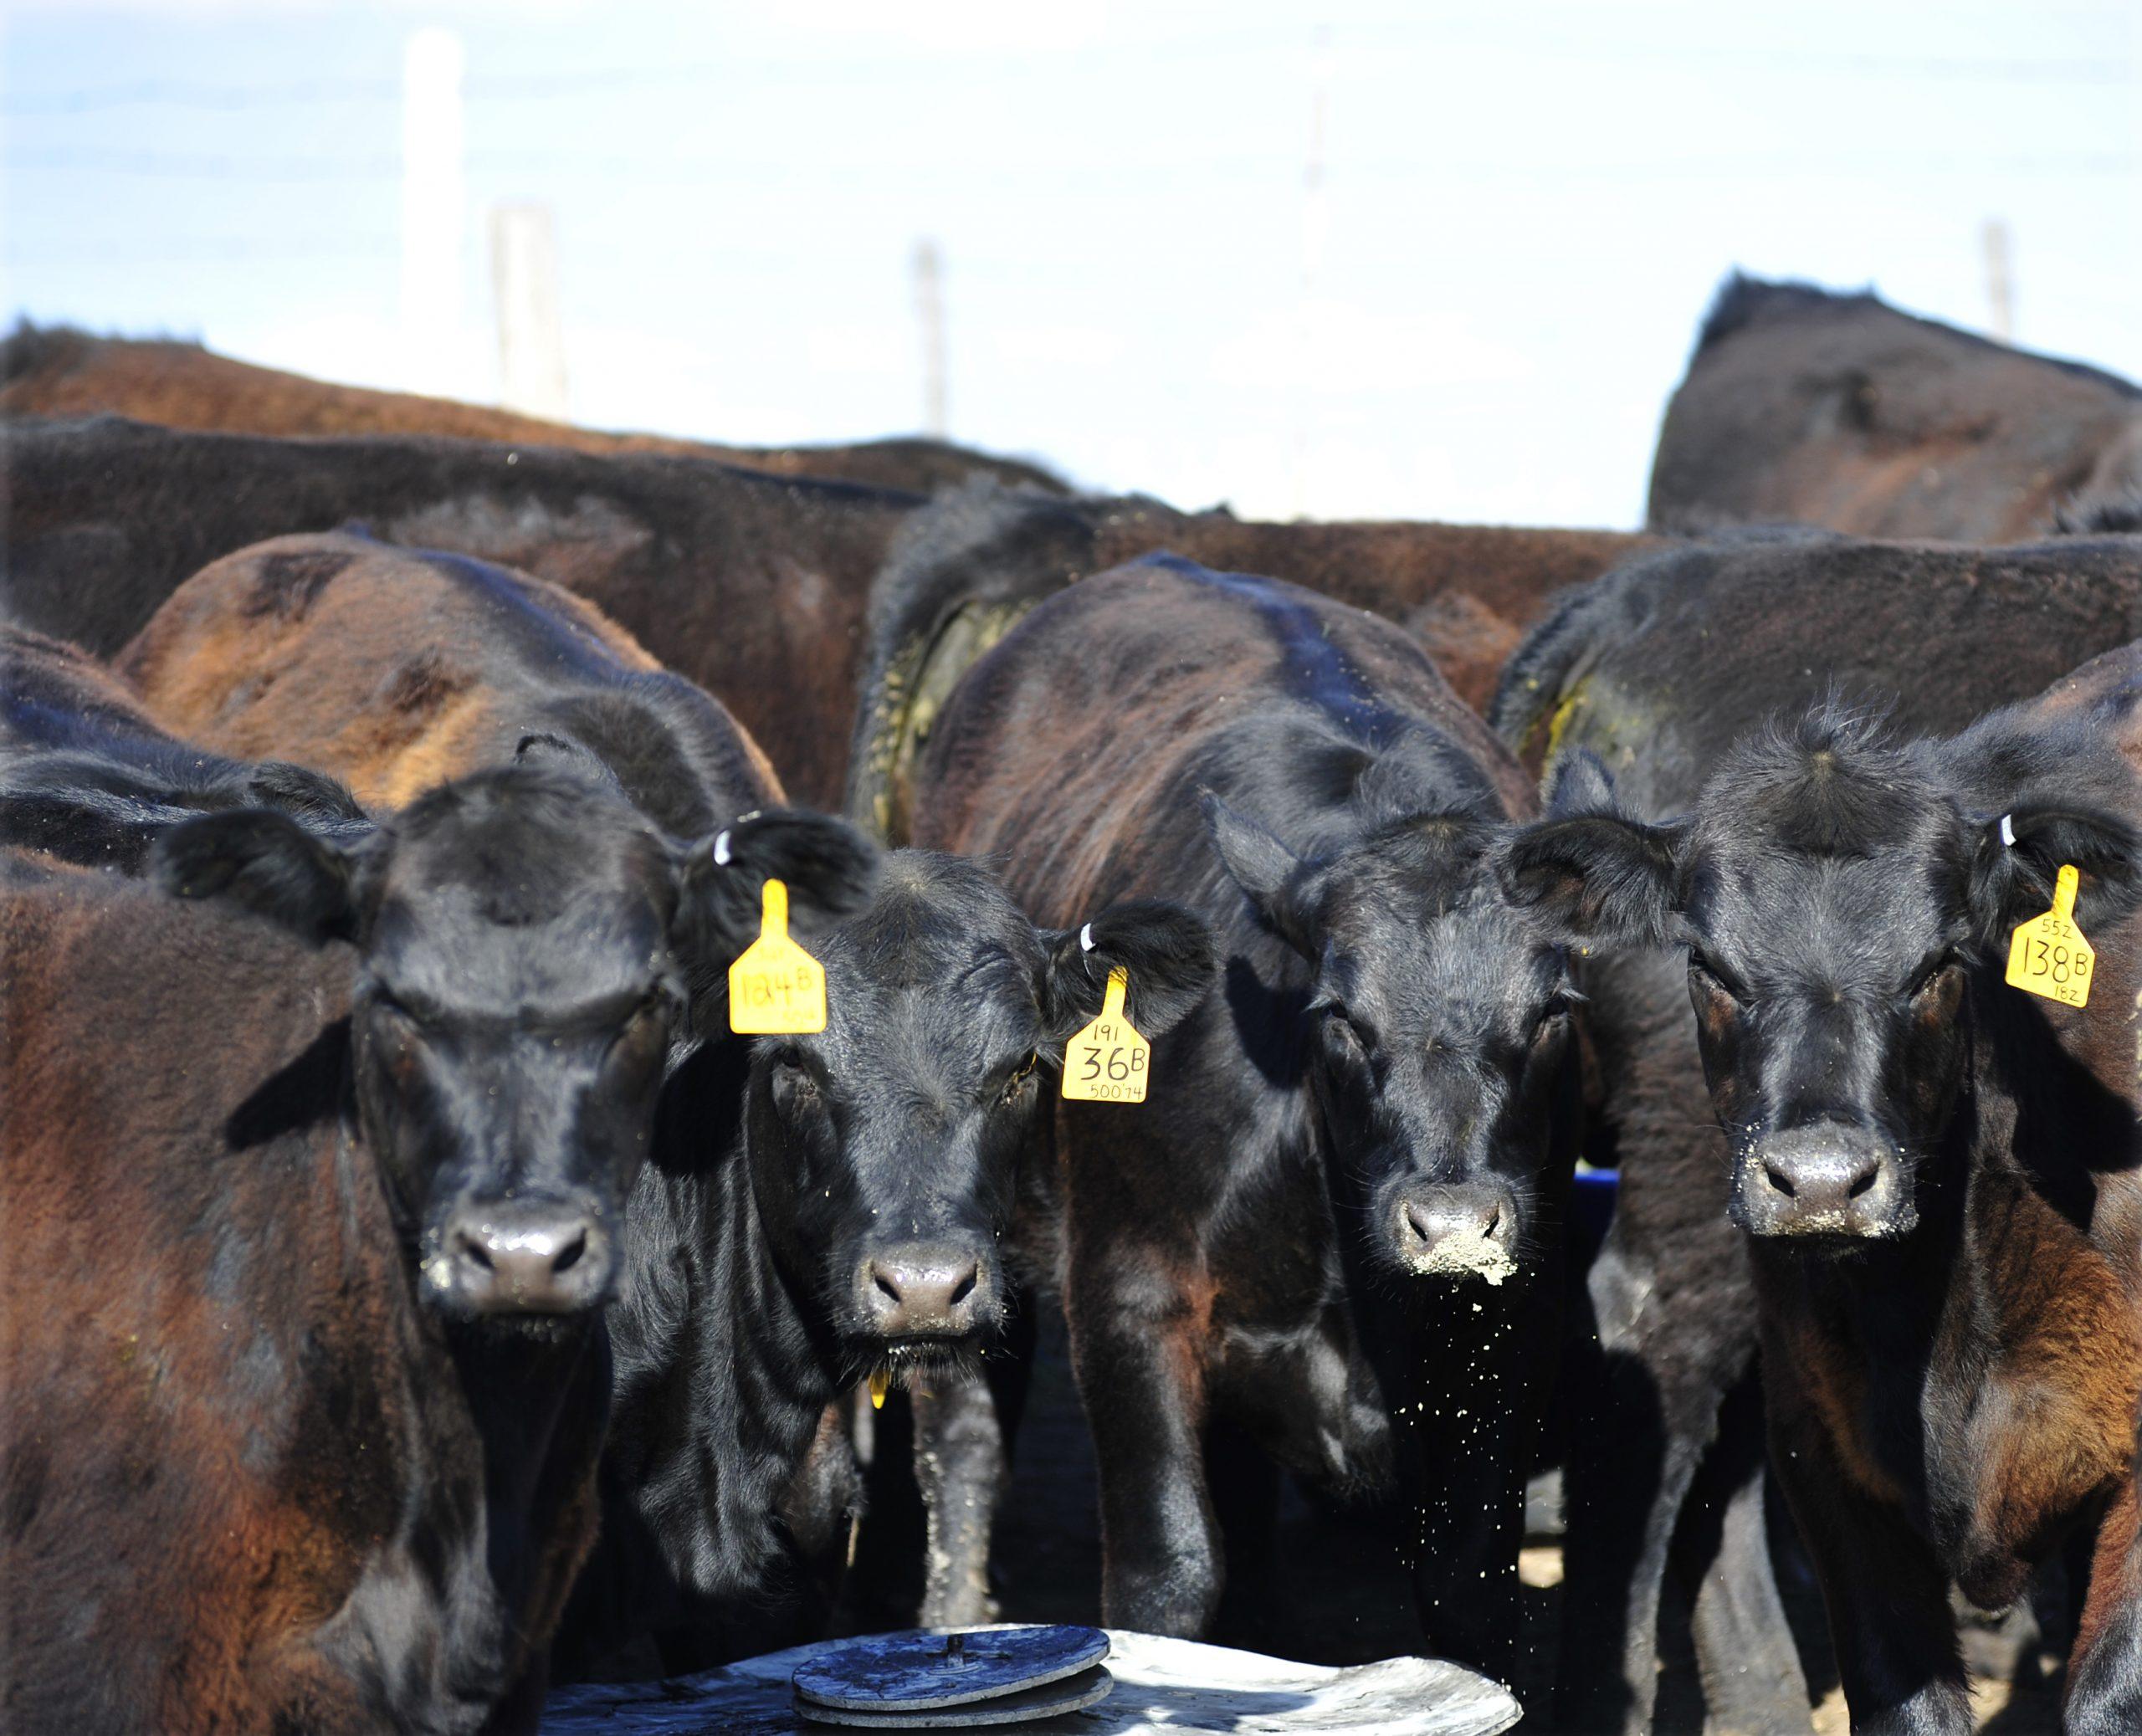 Cattle Market Update